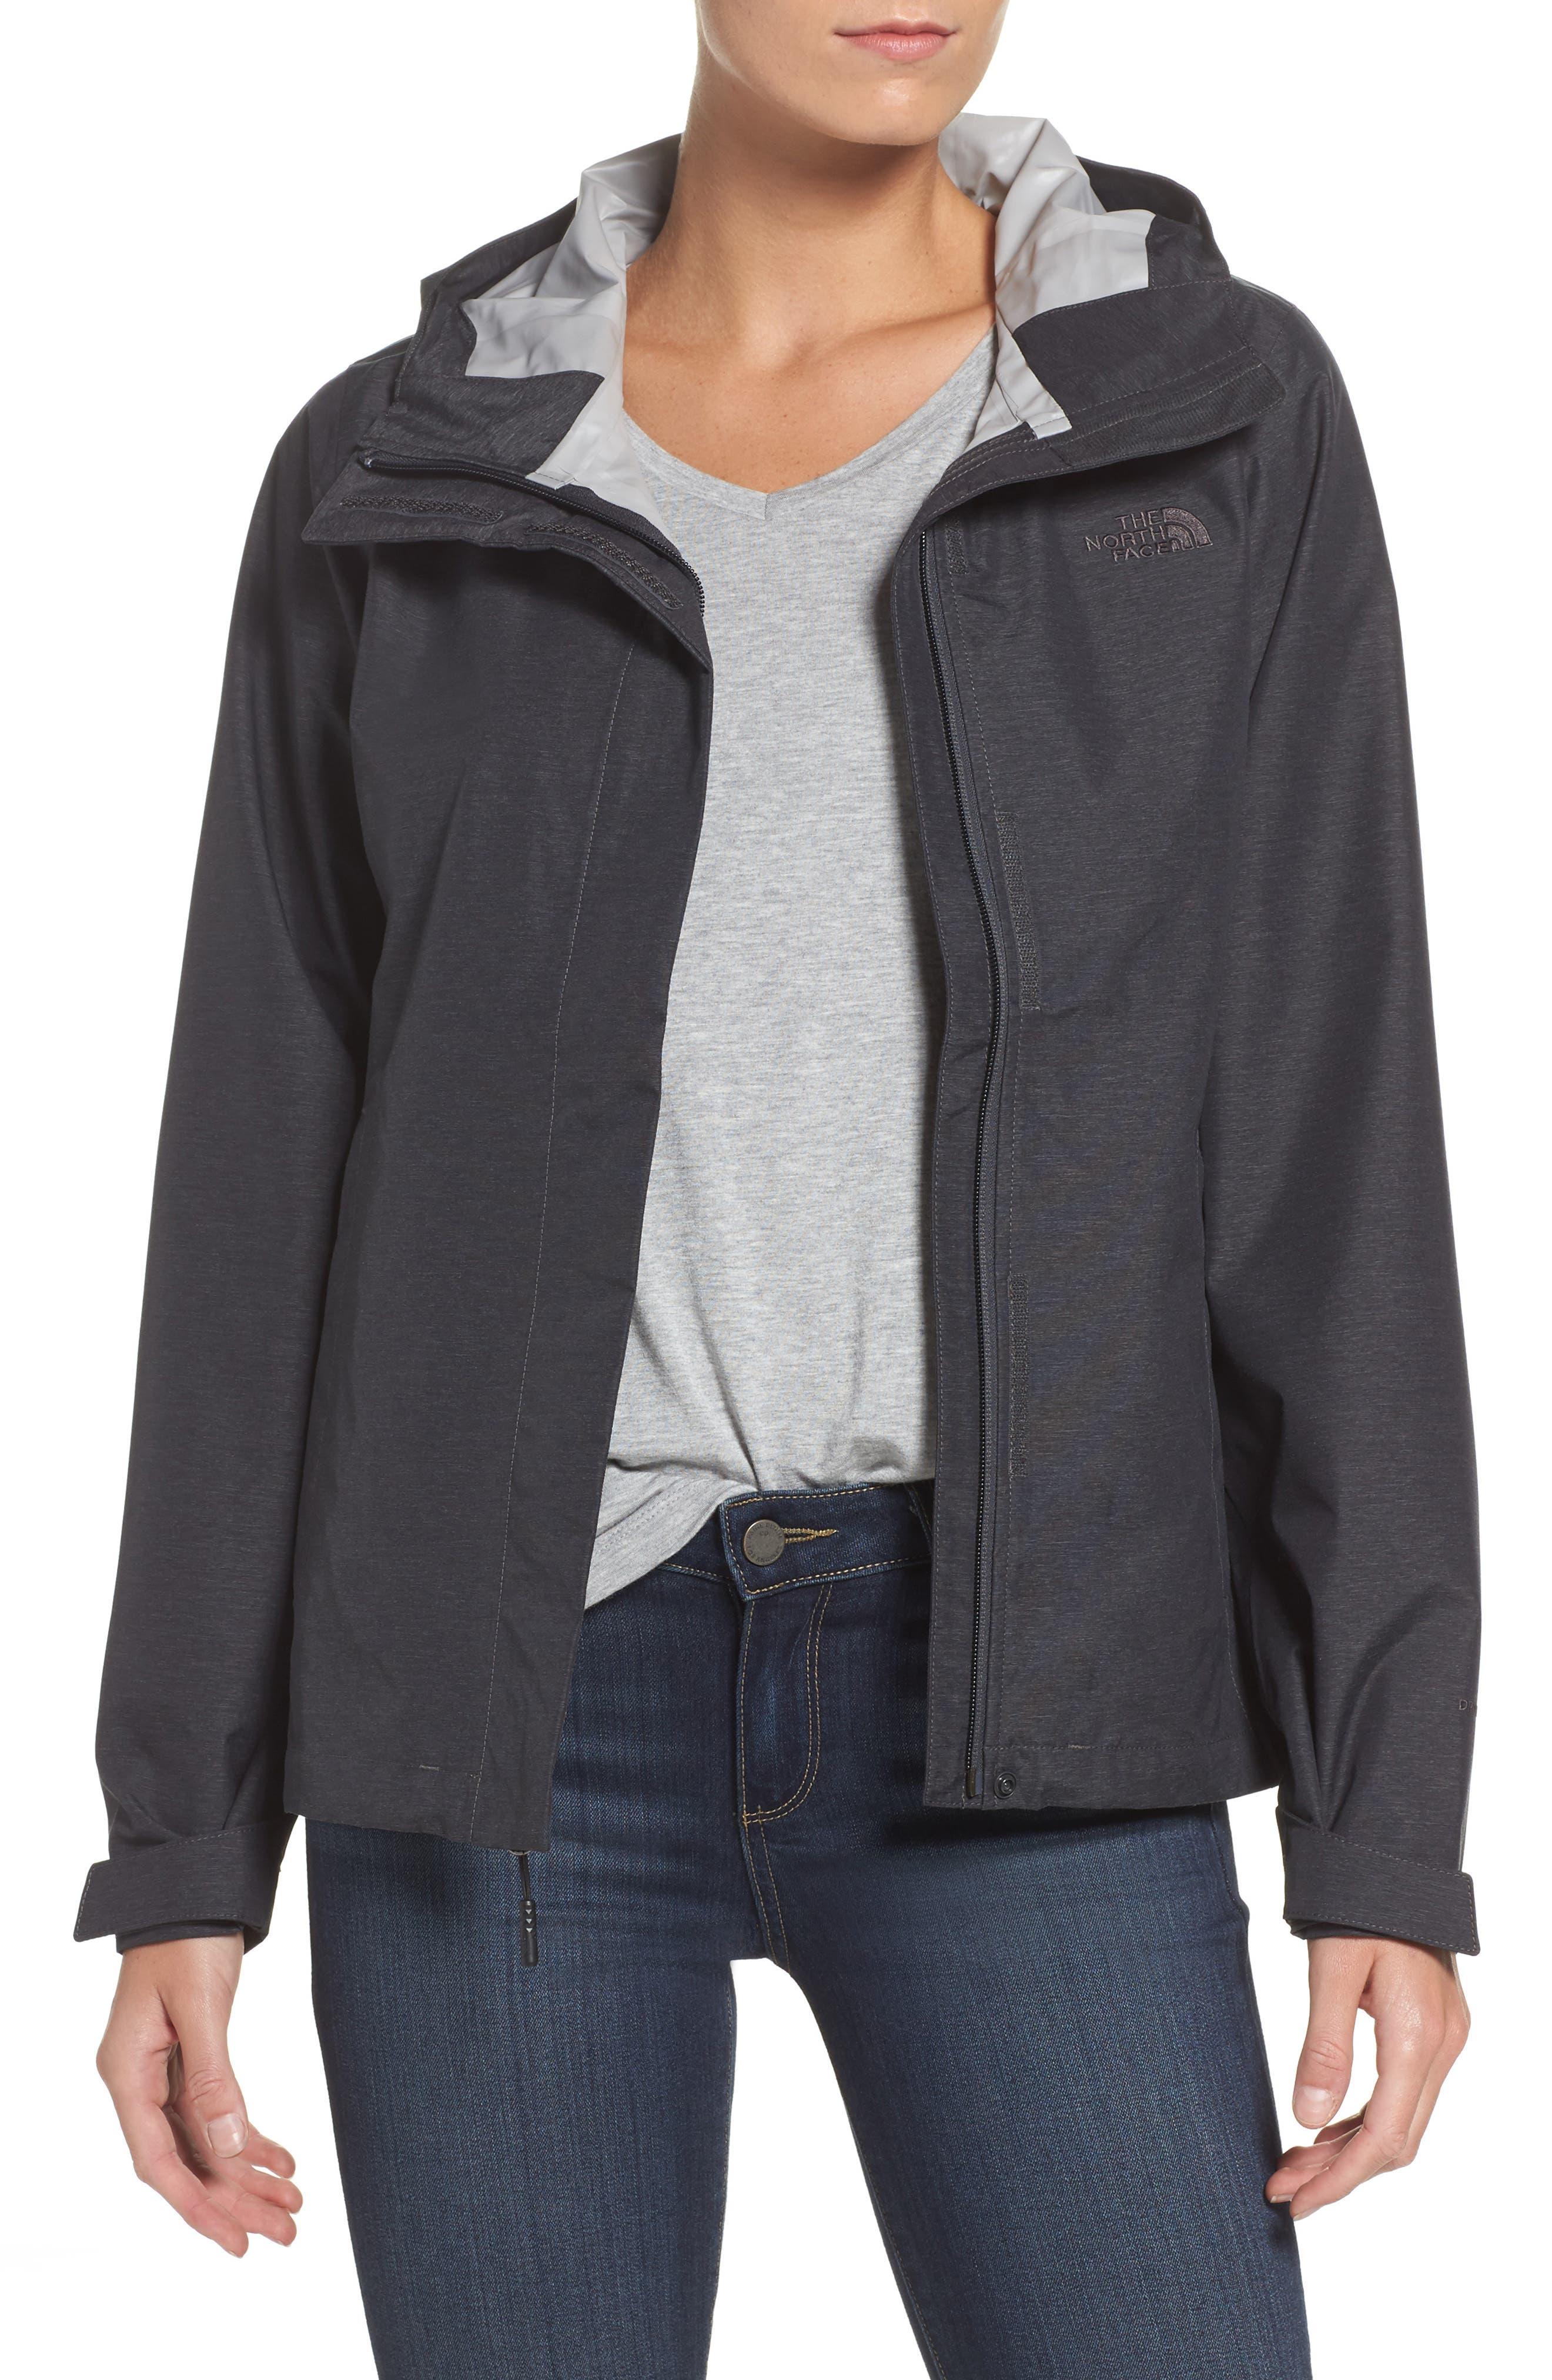 Venture 2 Waterproof Jacket,                         Main,                         color, TNF DARK GREY HEATHER